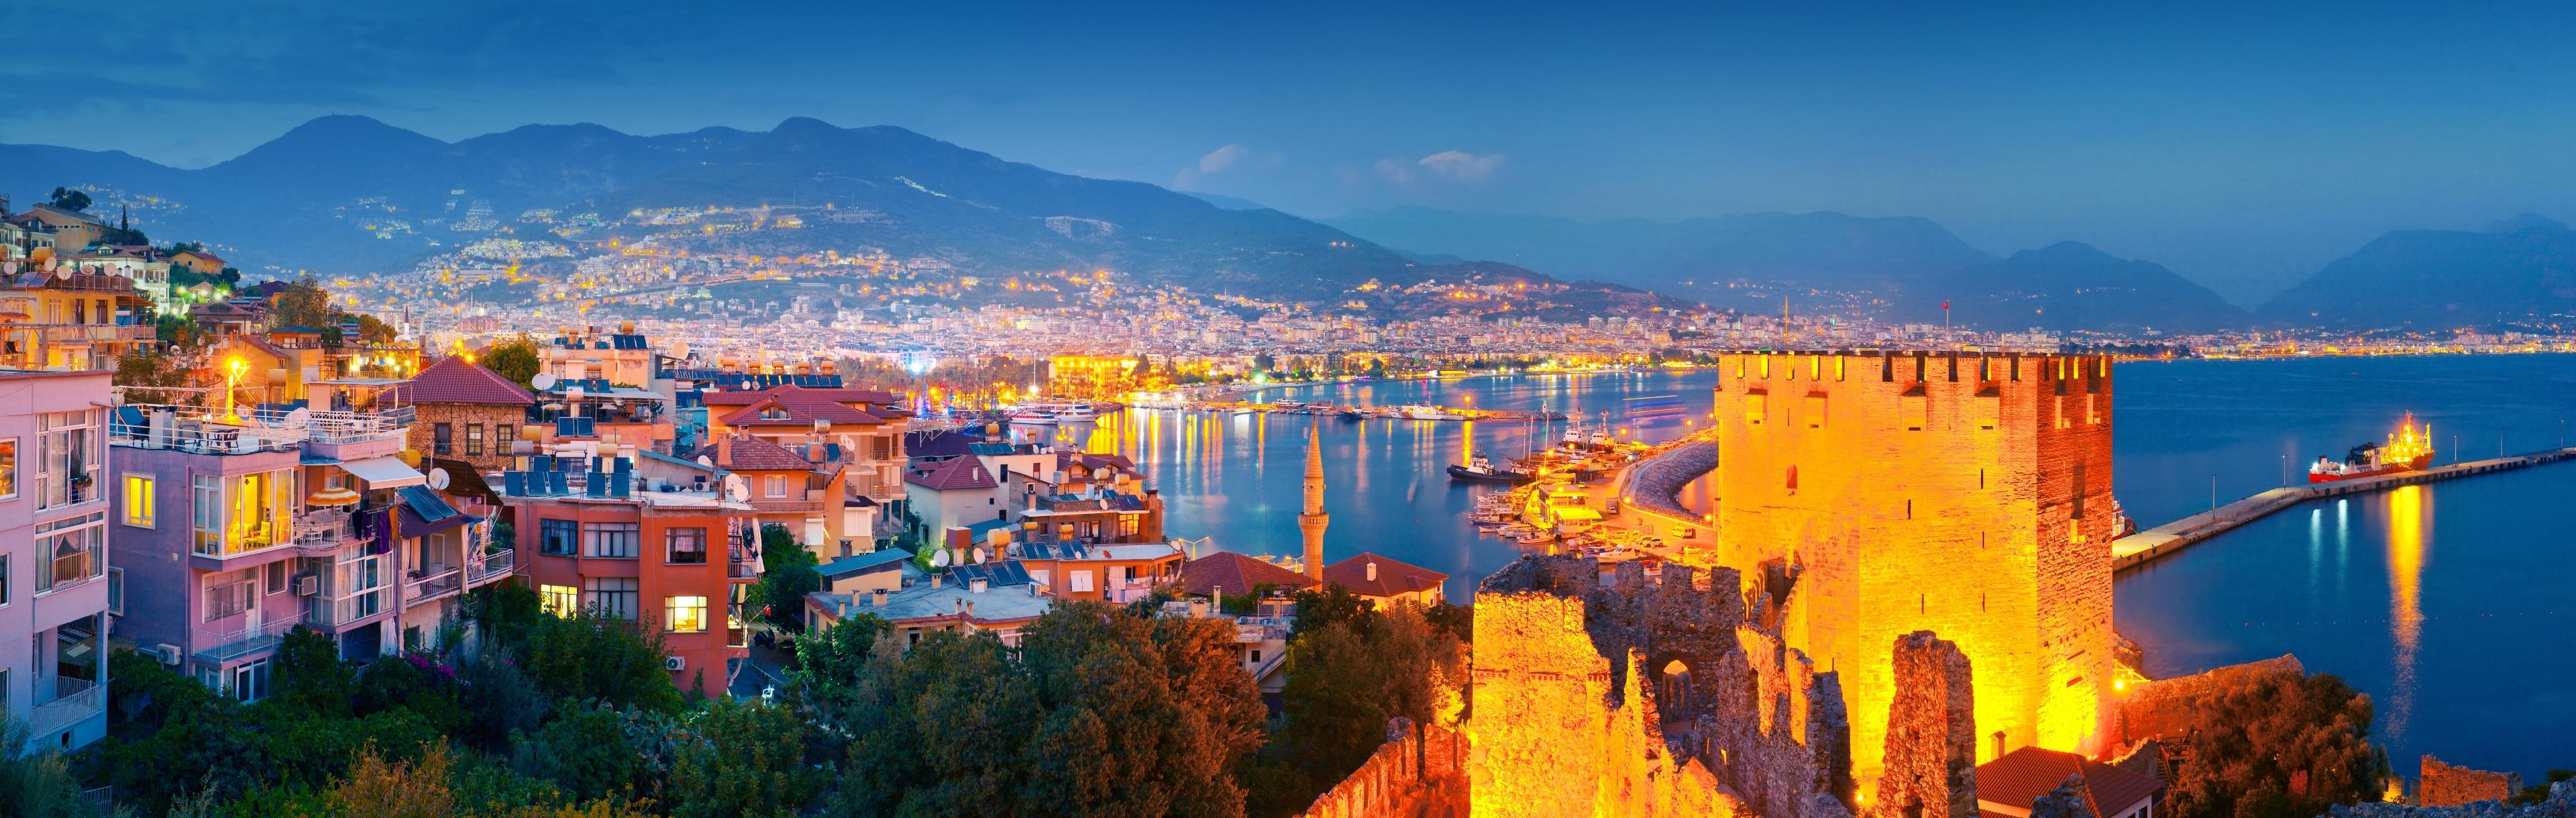 Alanya, Antalya Region, Turkey